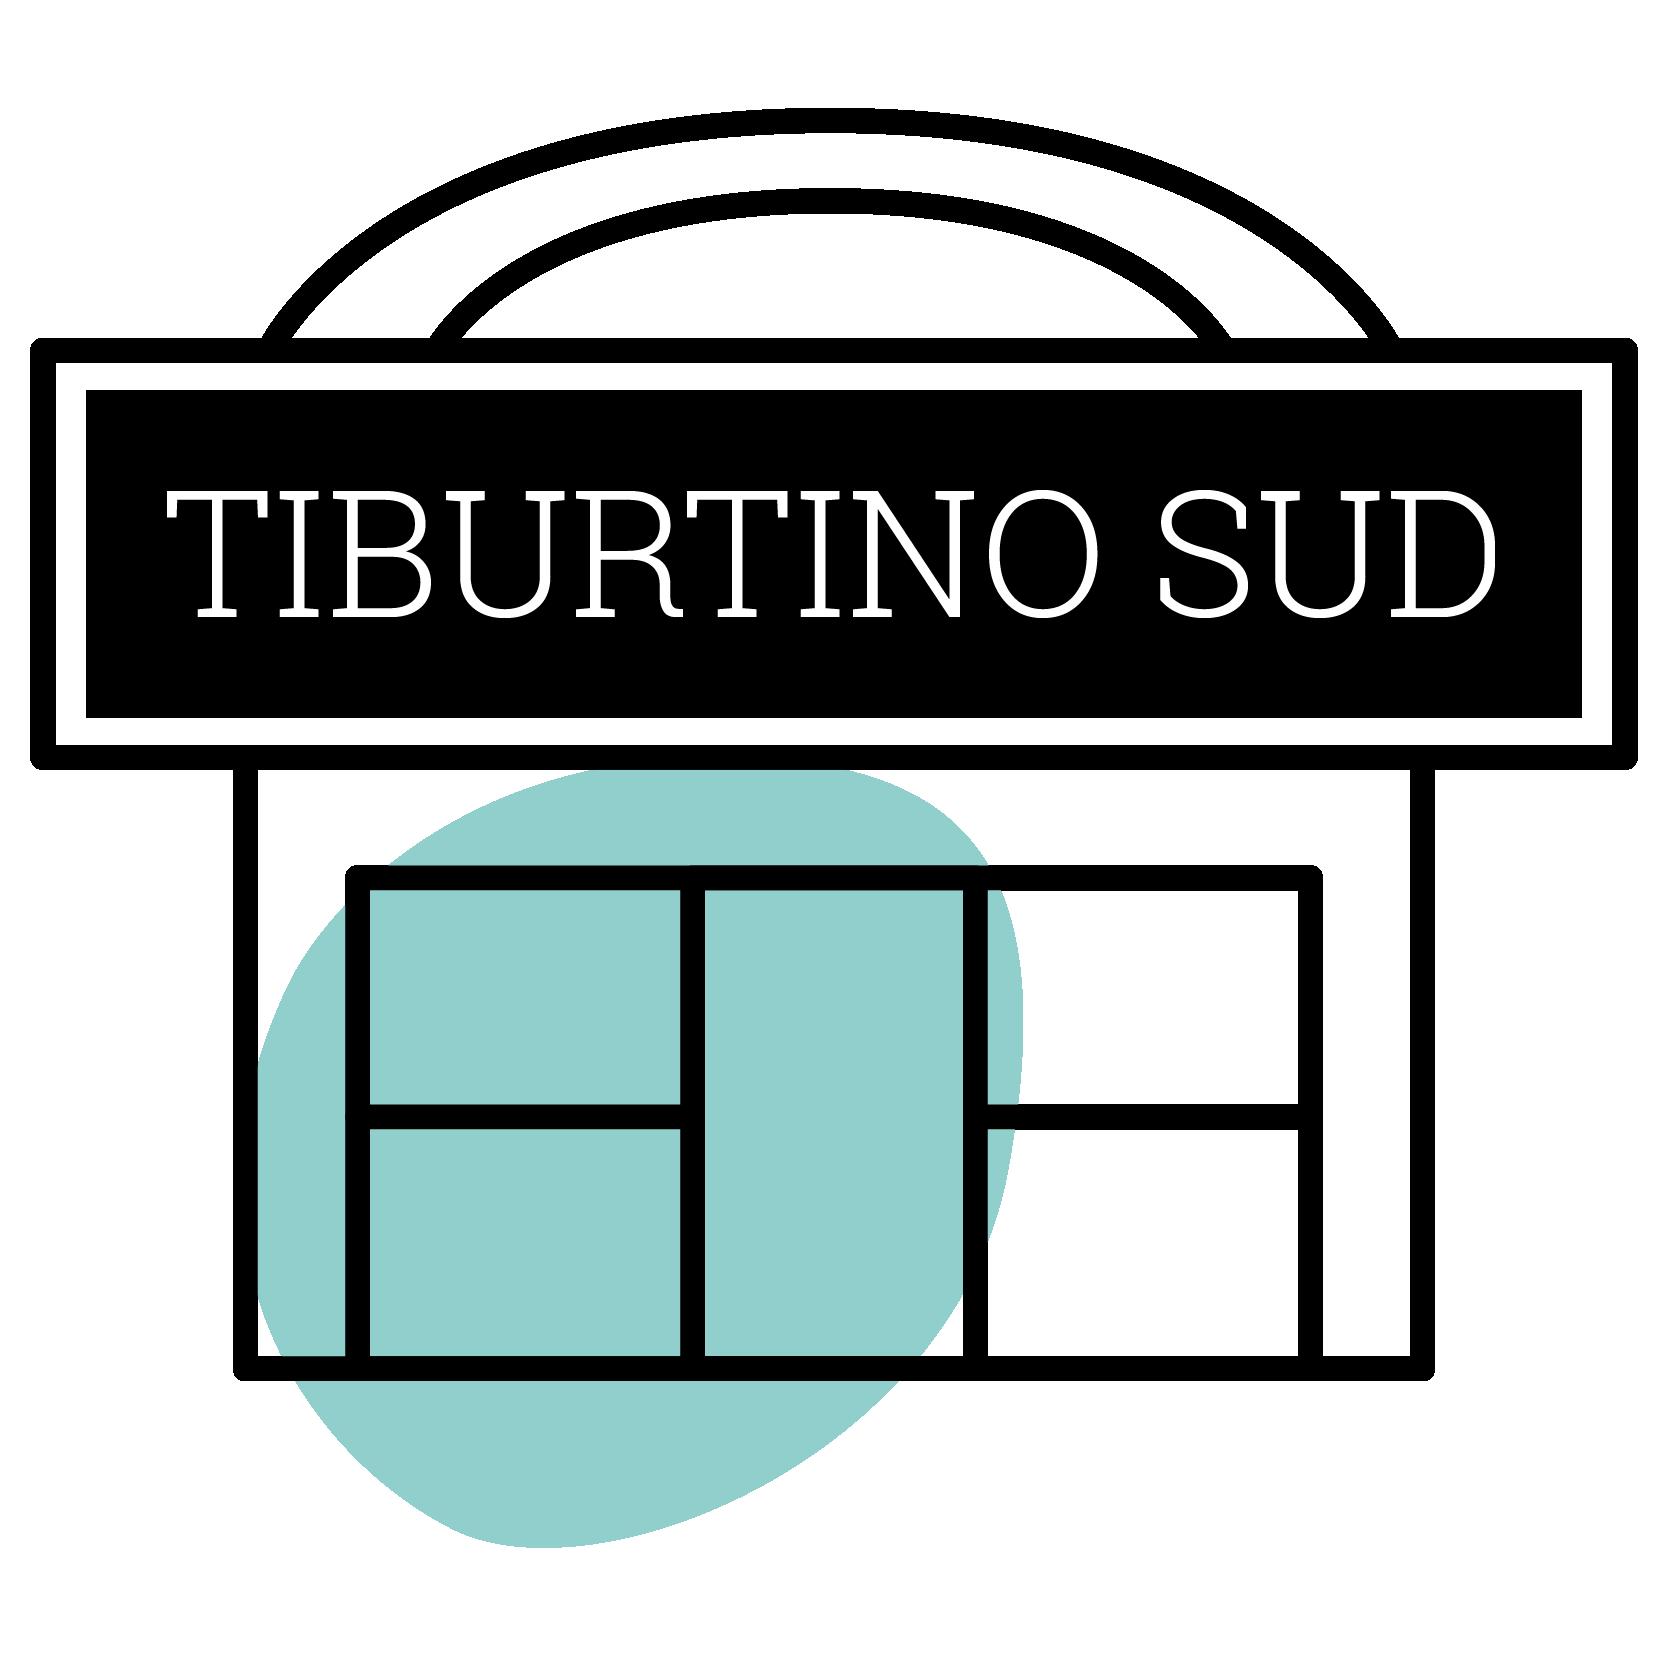 Tiburtino Sud